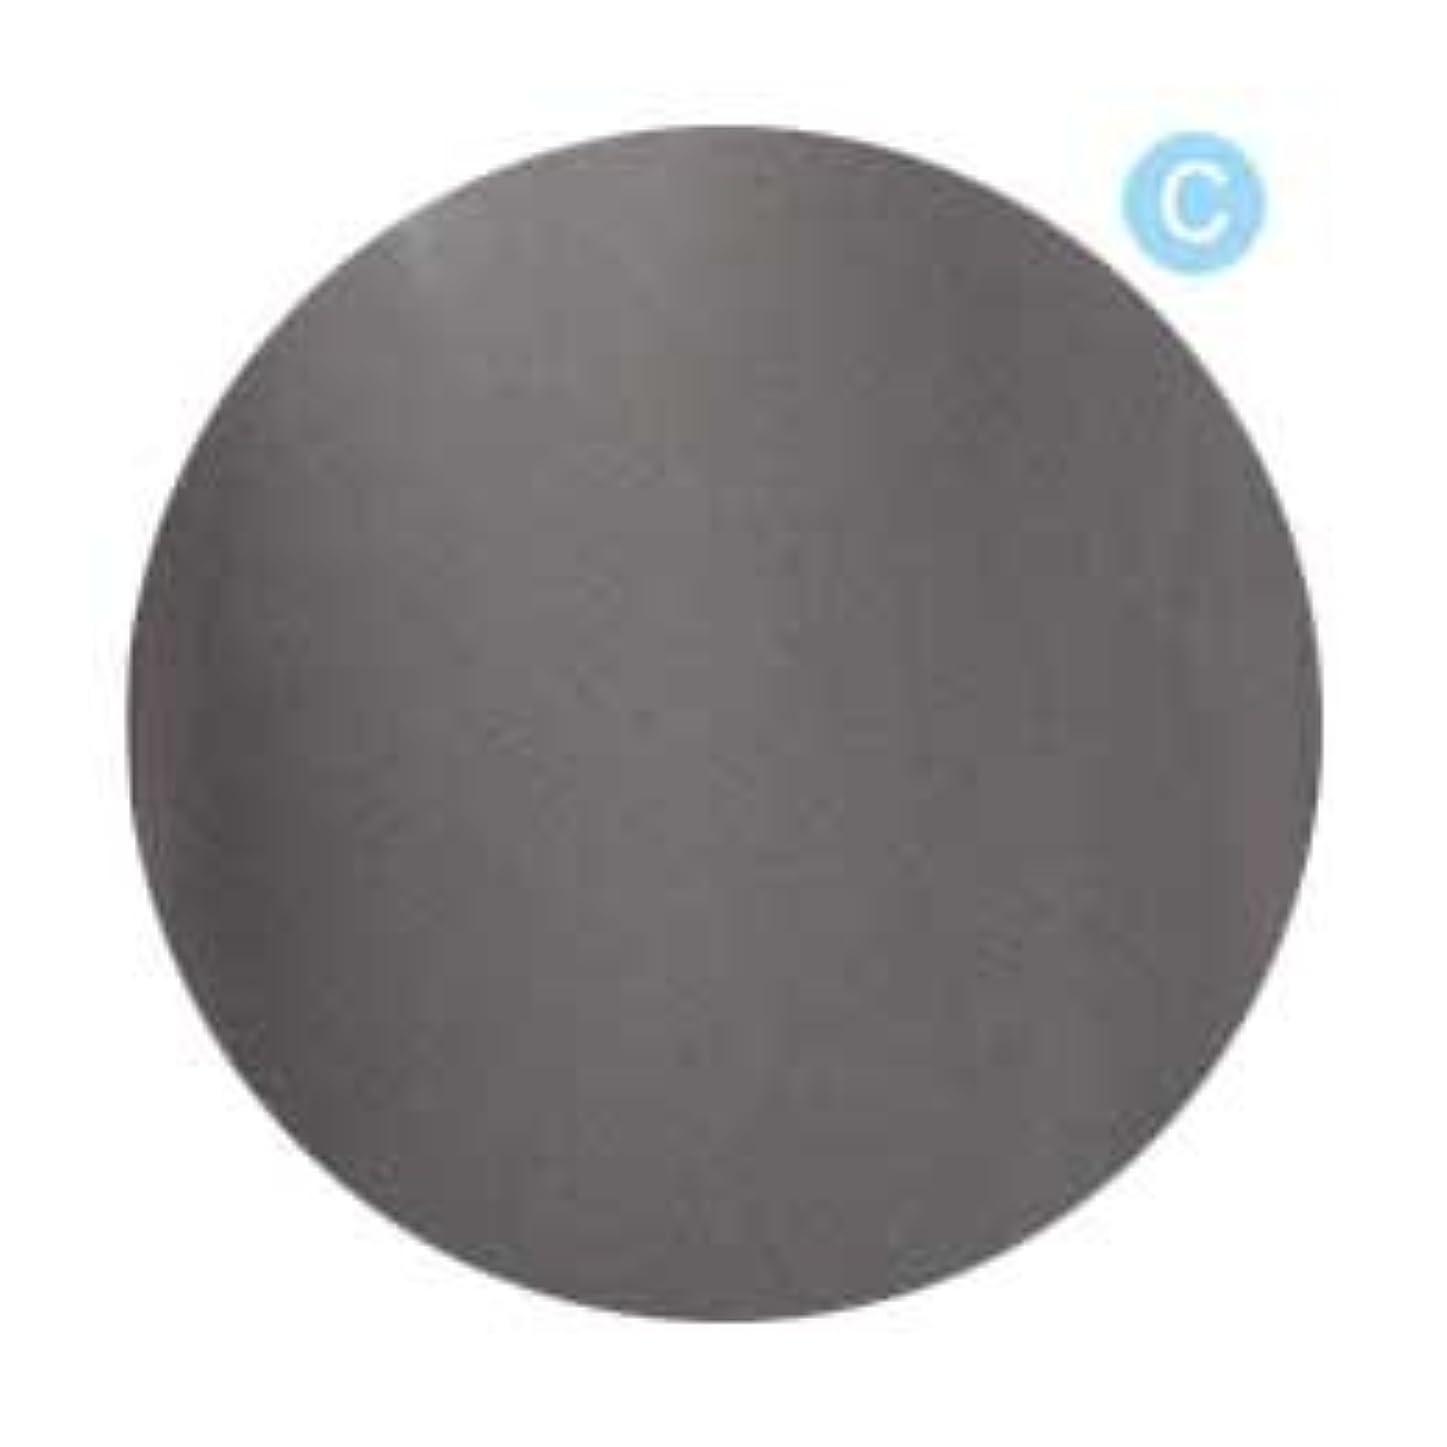 体トンスペインPalms Graceful カラージェル 3g 026 クリアブラック